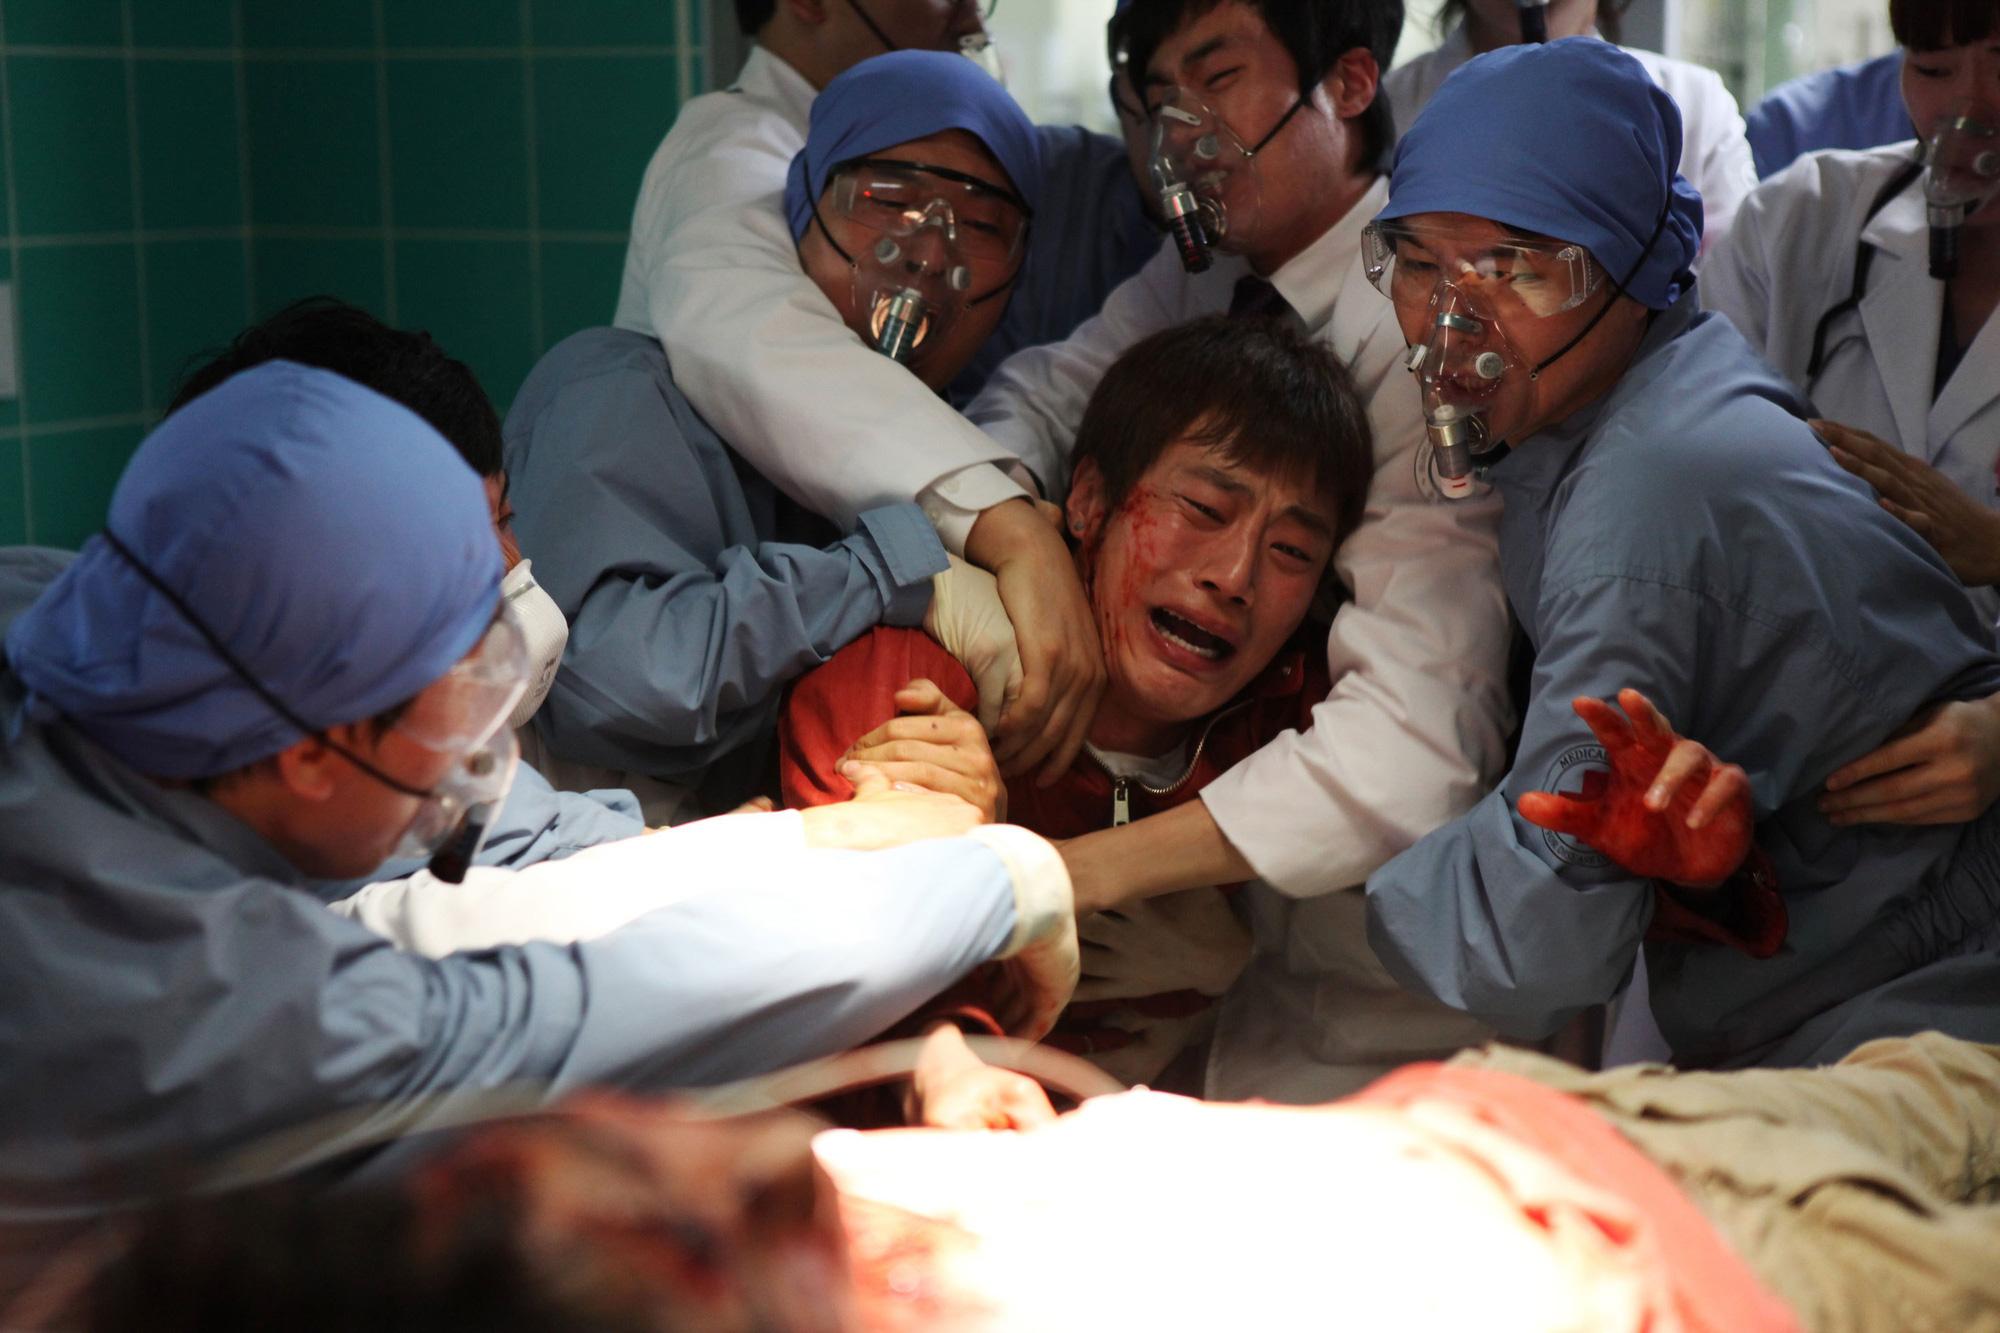 Điểm lại 11 tình tiết gay cấn nhất trong The Flu - phim về đại dịch cúm đình đám xứ Hàn - Ảnh 5.